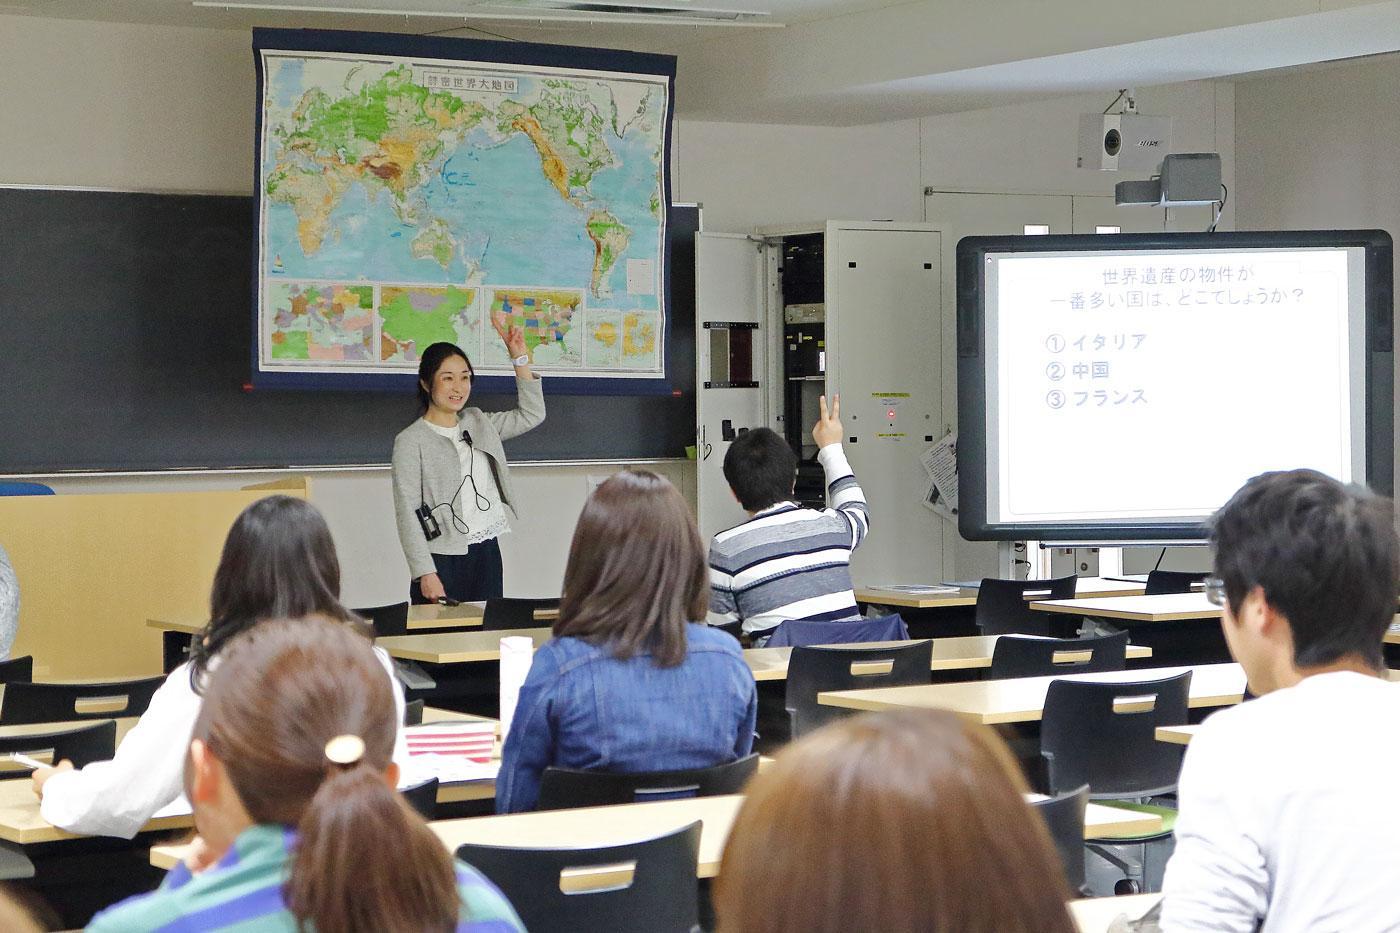 祝講師デビュー!セカイエ1号大学で世界遺産の講義をしました!